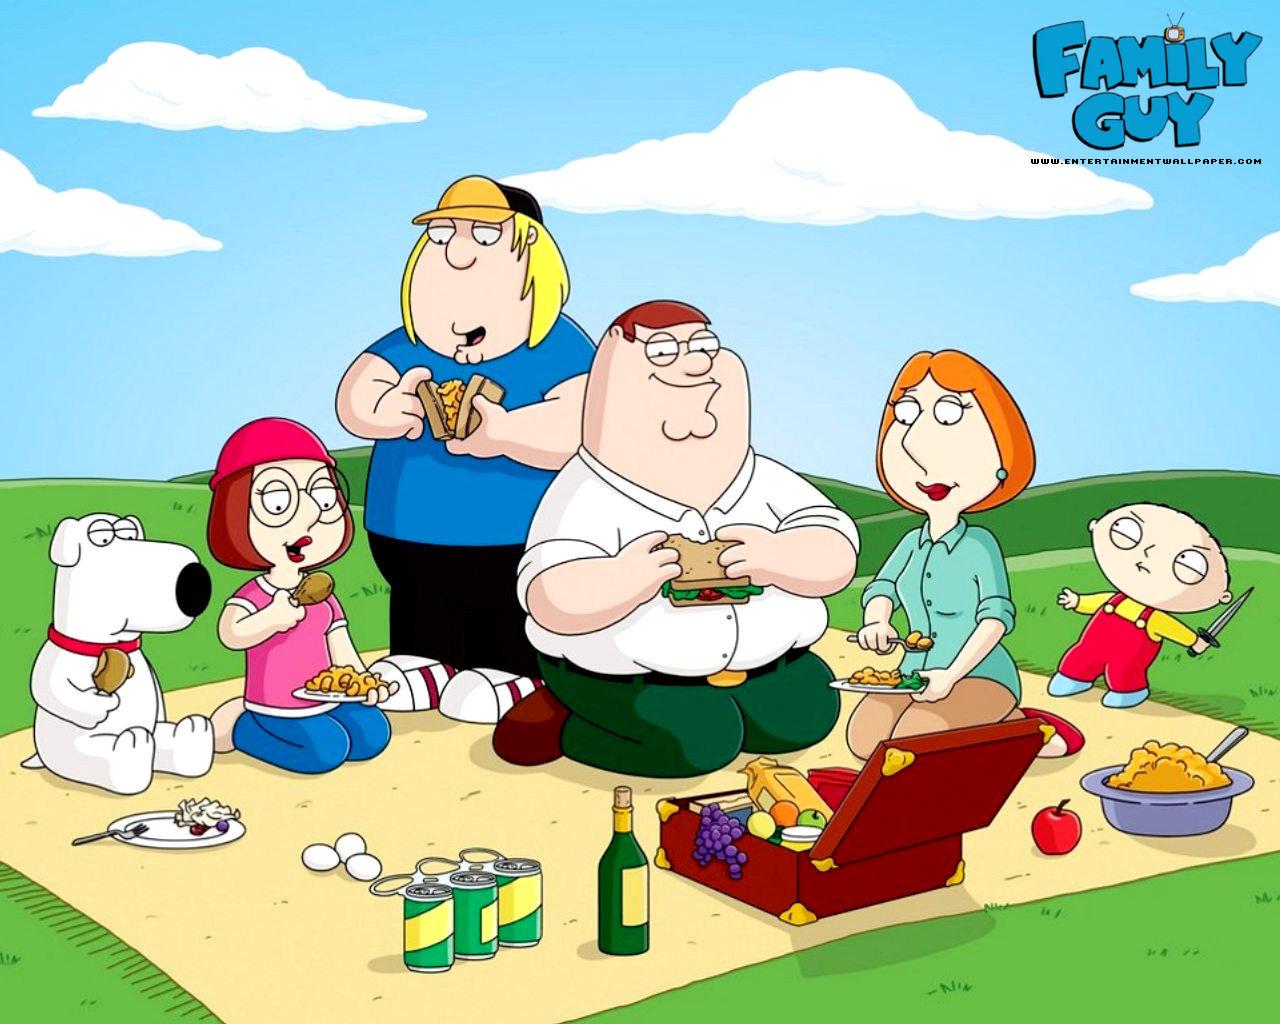 Family Guy Wallpaper 1280x1024 1280x1024